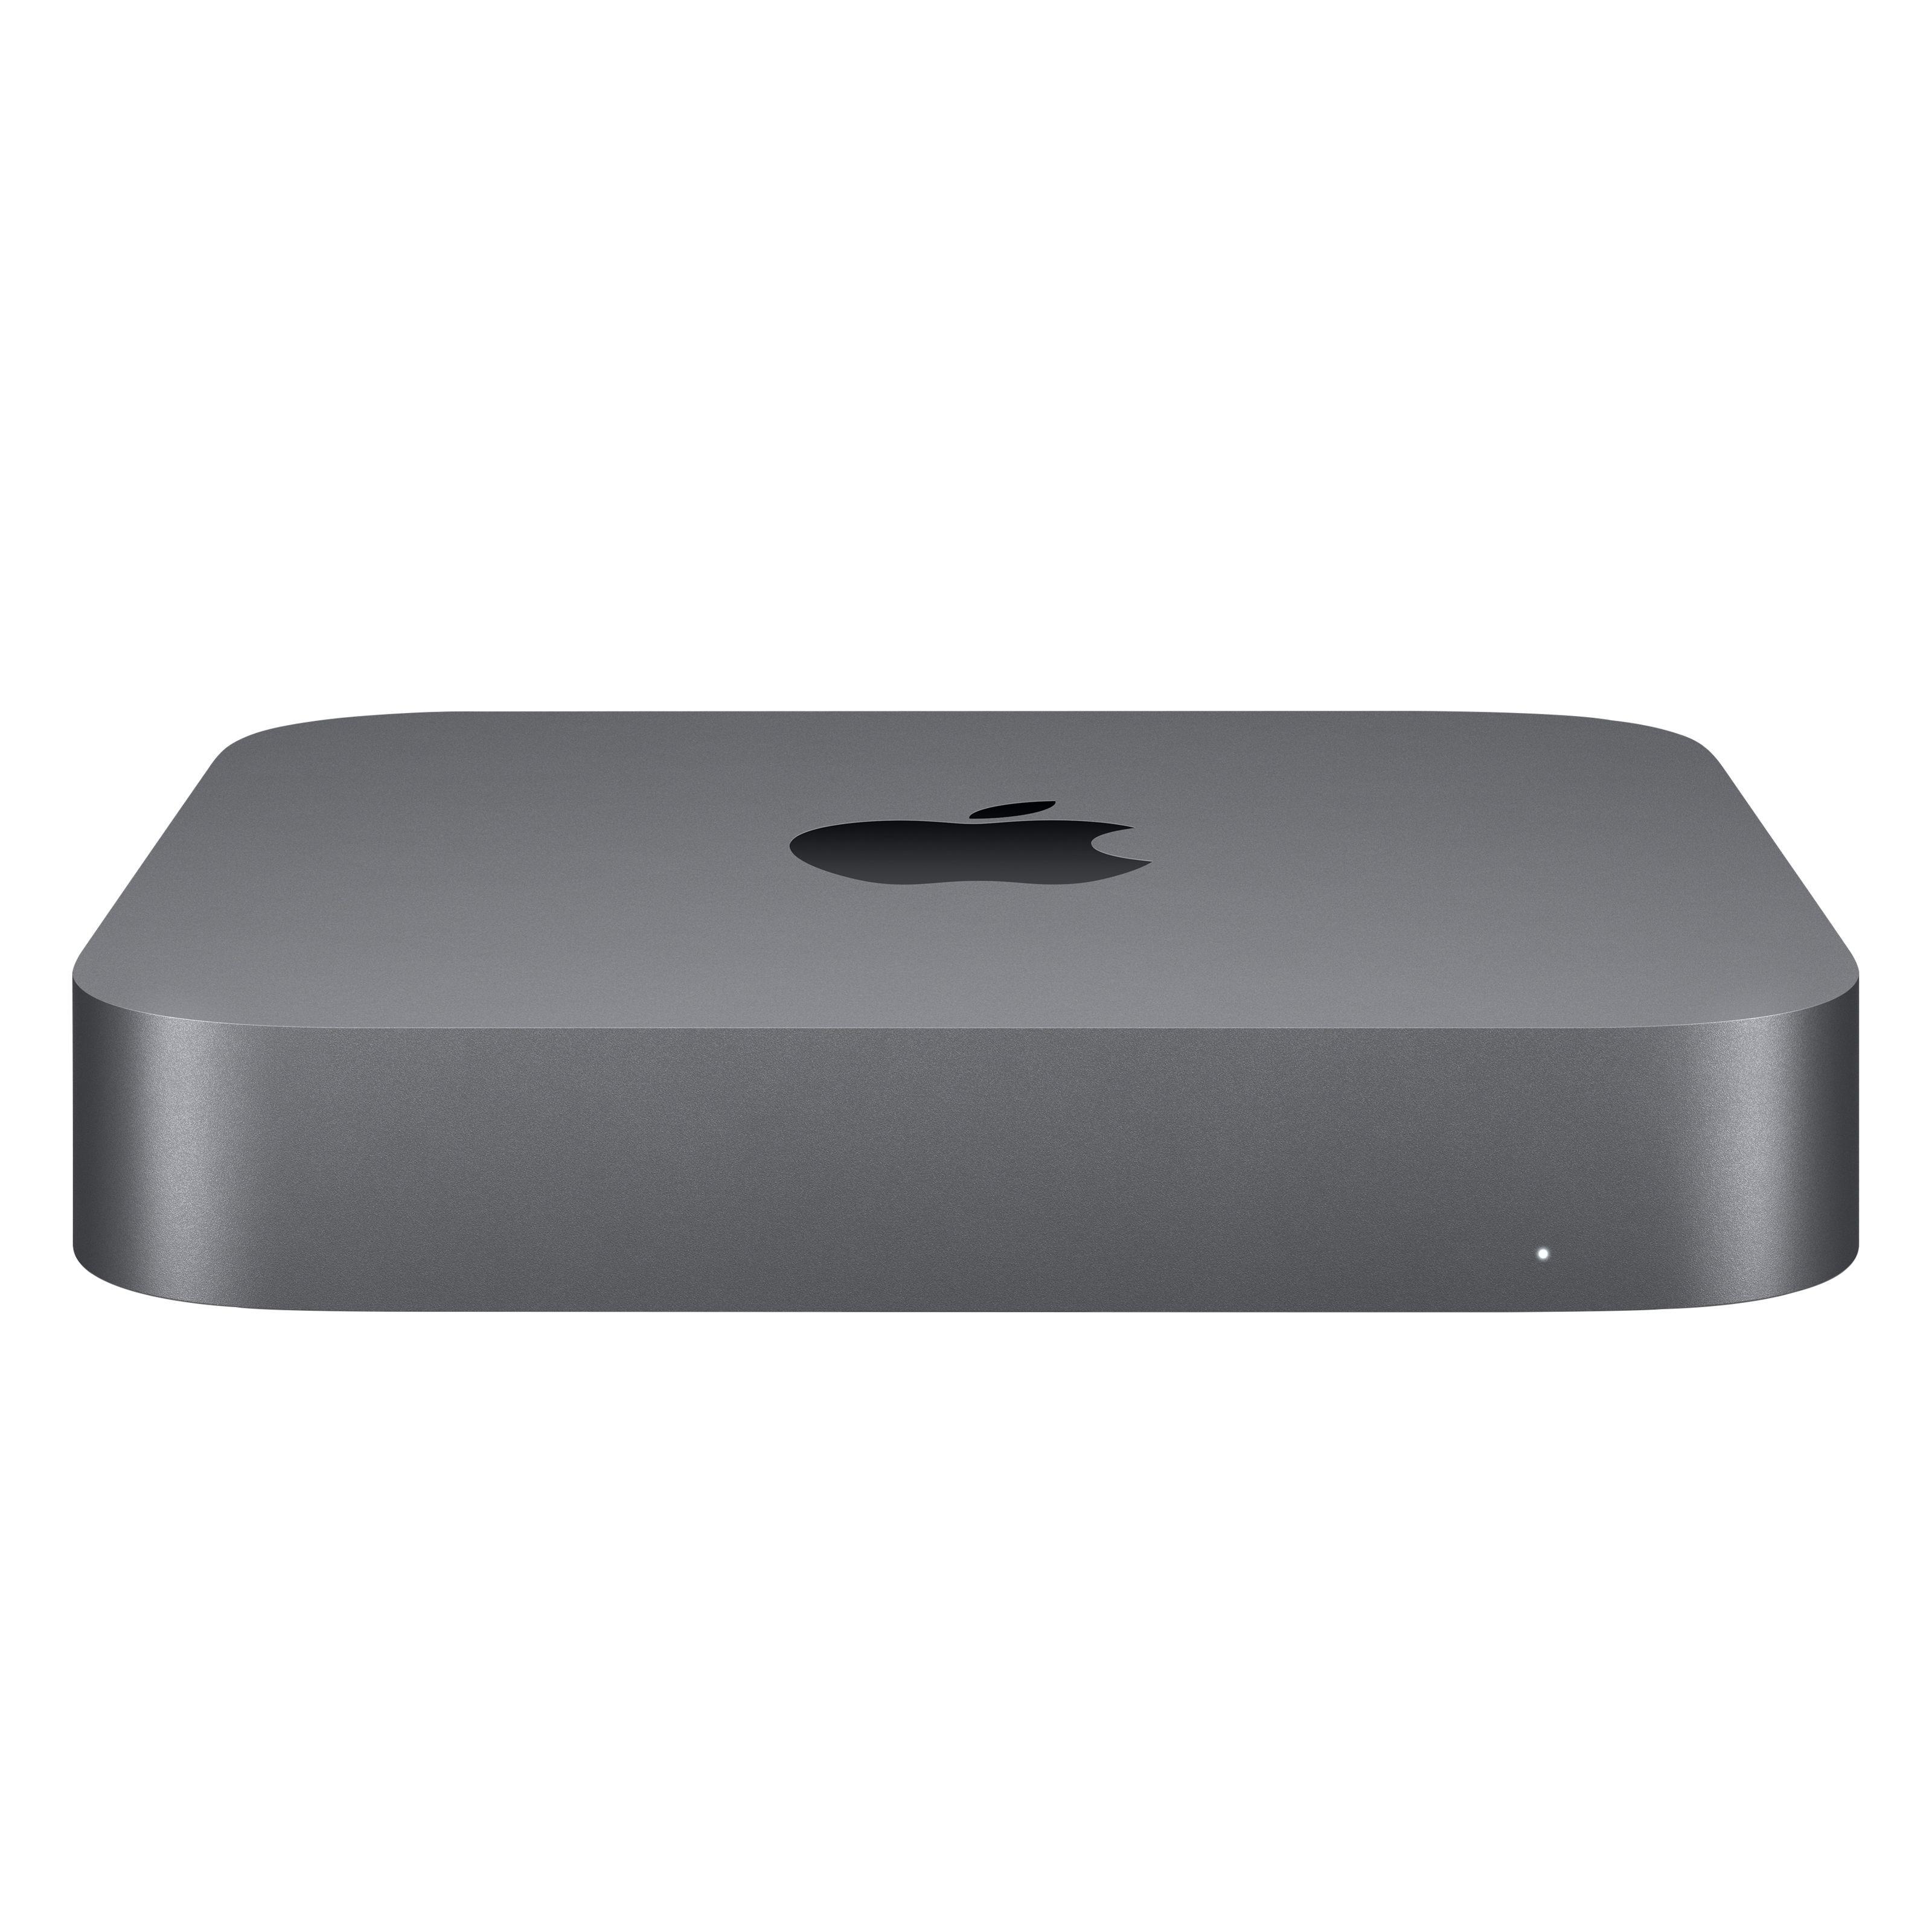 Apple Mac mini 3,0GHz 256GB 6-Core i5